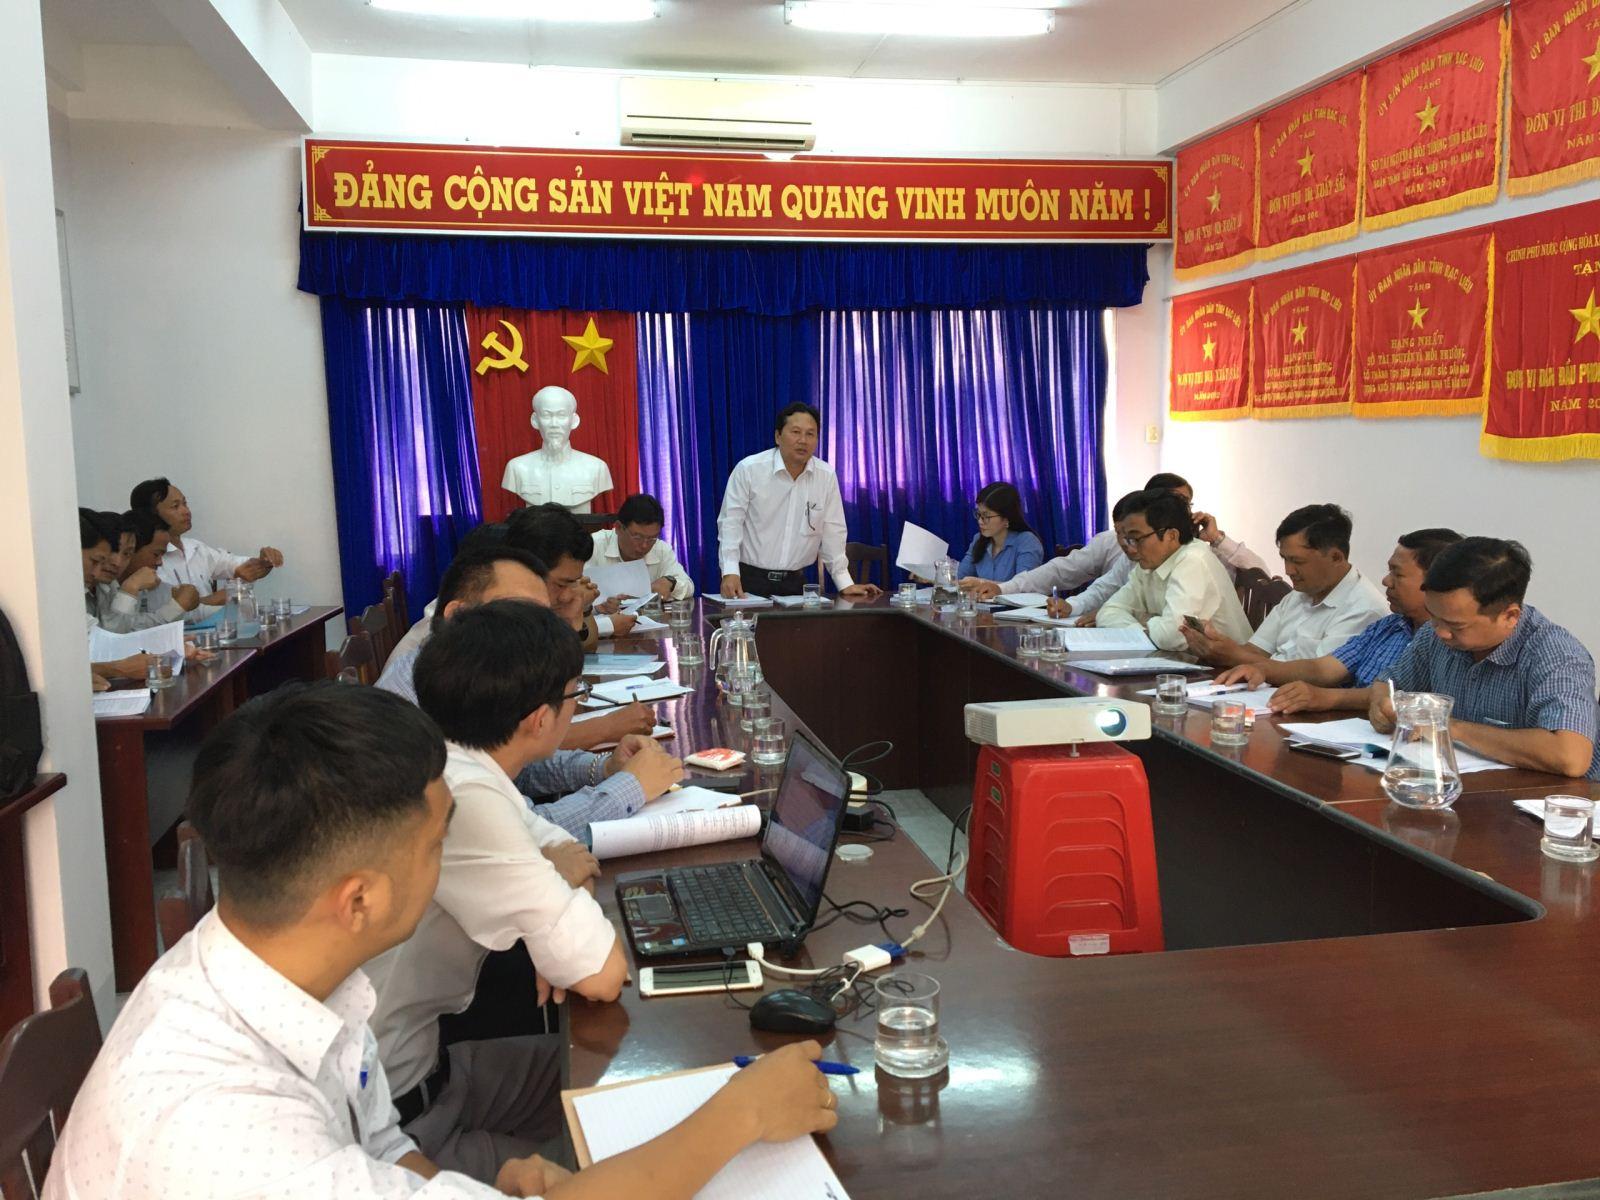 Phiên họp đóng góp ý kiến Báo cáo tổng hợp cho nhiệm vụ trên địa bàn tỉnh Bạc Liêu